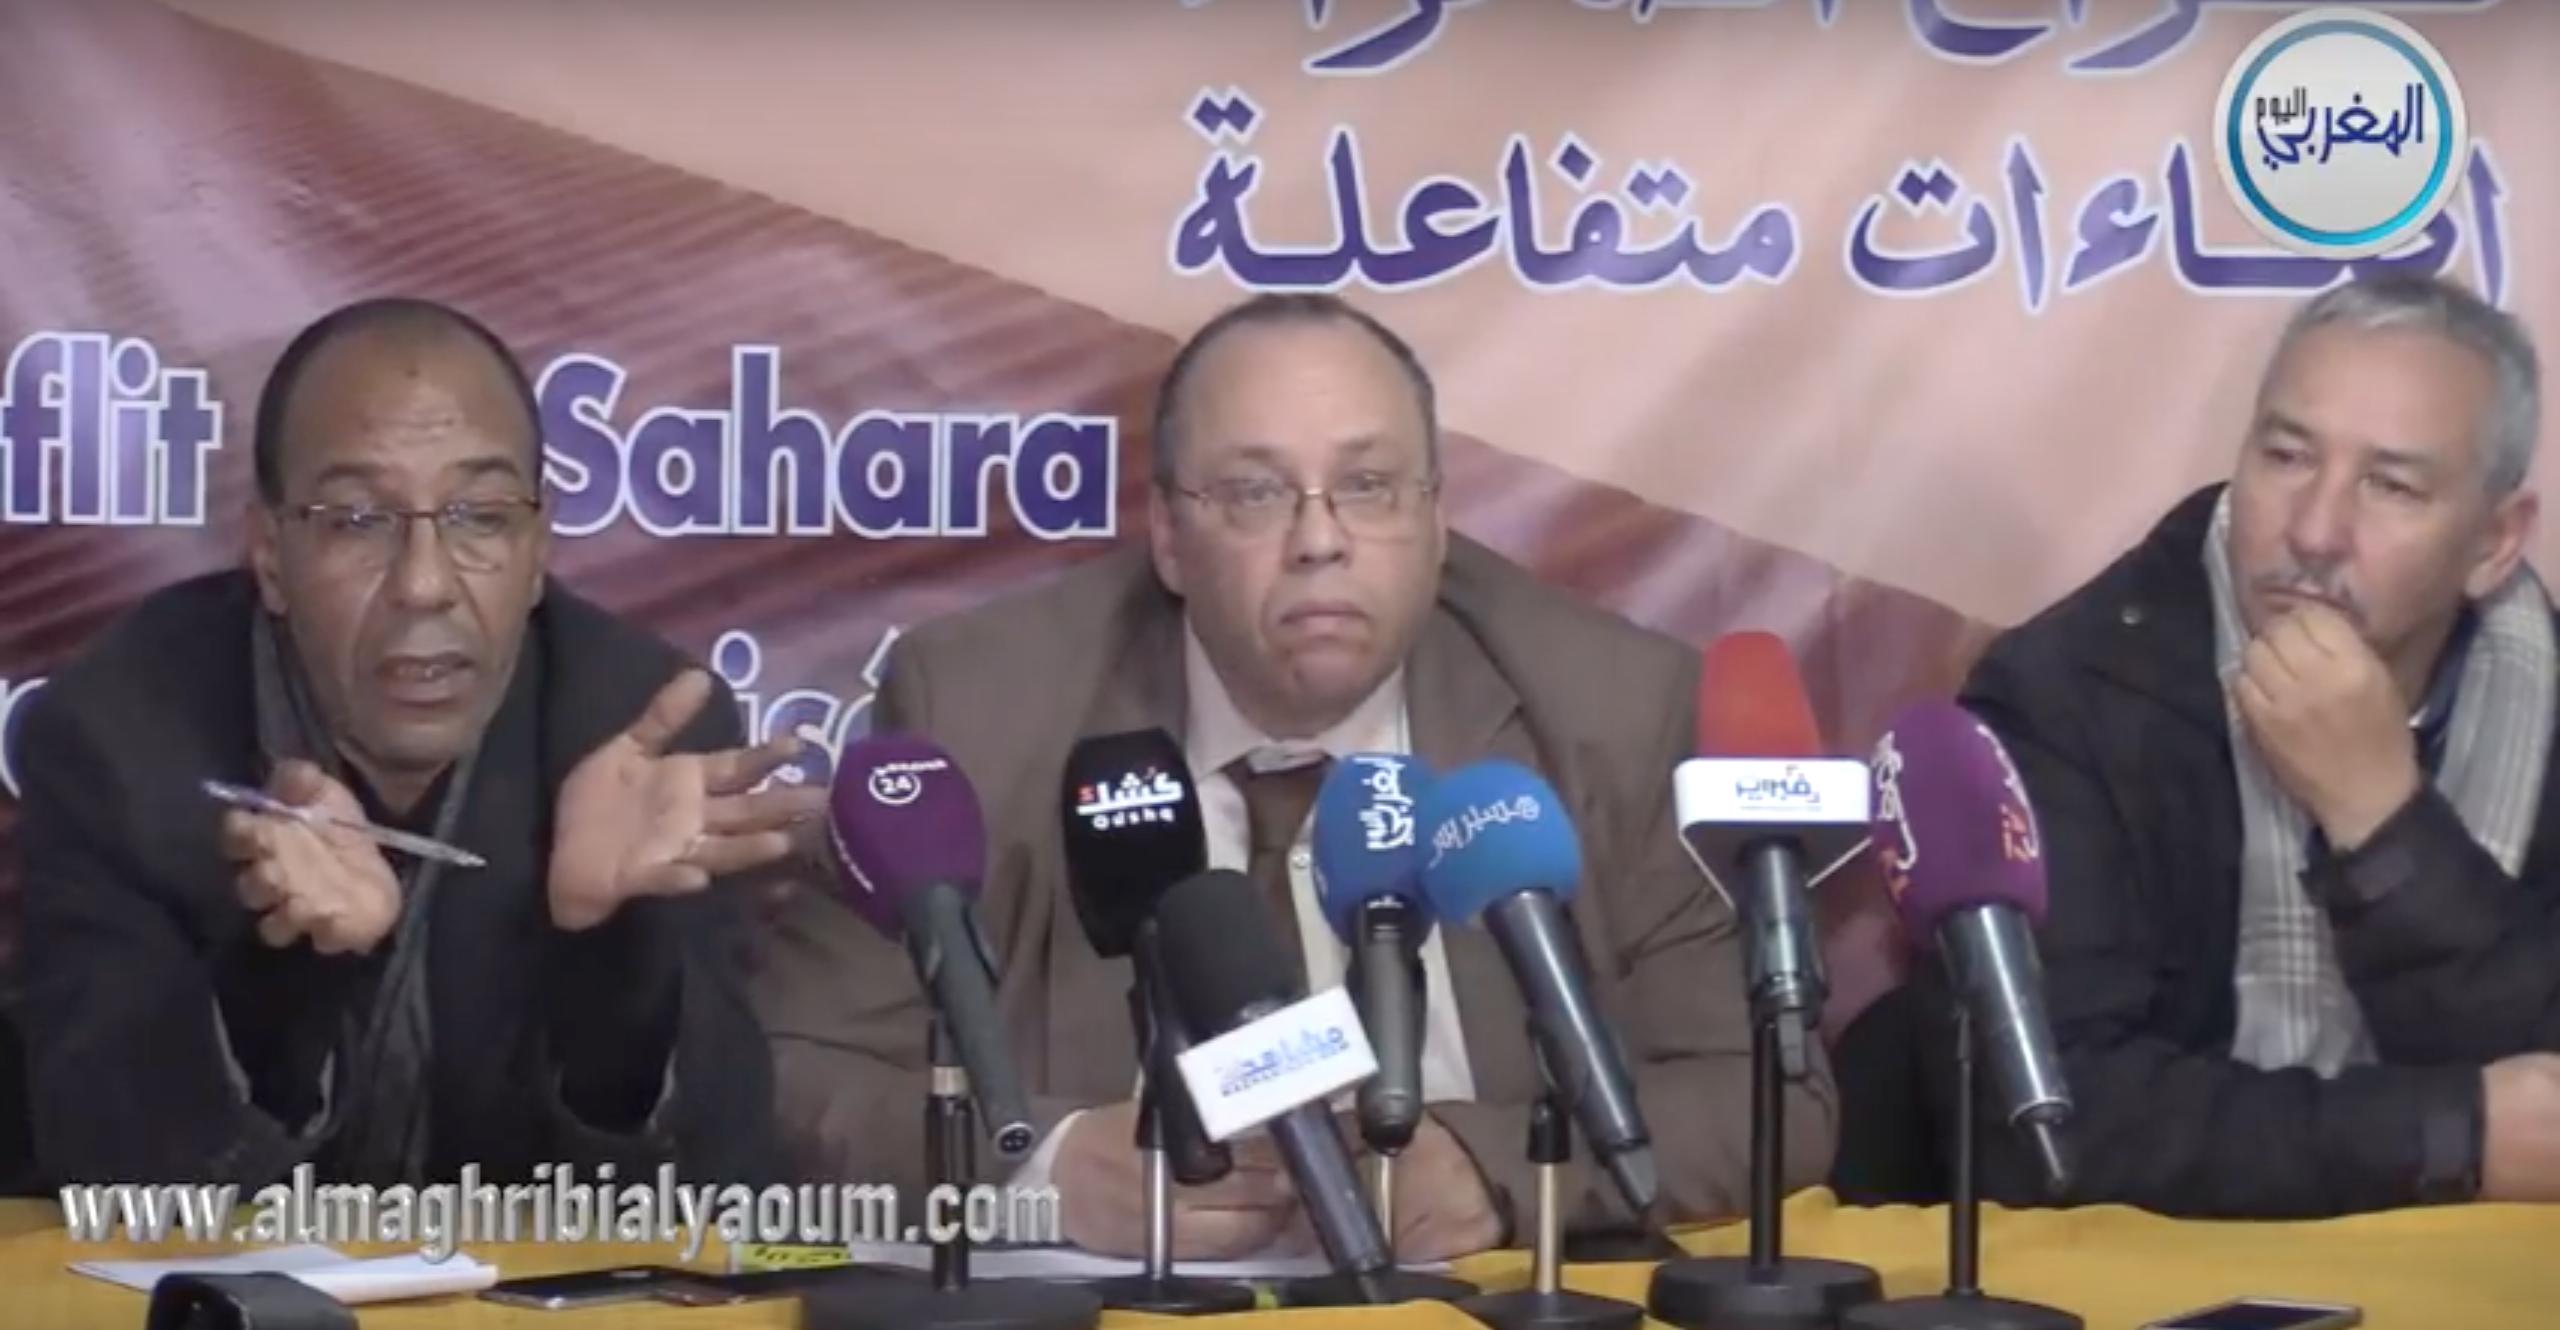 """بالفيديو… زغاري: ندافع عن """"ضحايا"""" بوعشرين انطلاقا من مرجعية حقوقية ثابتة"""